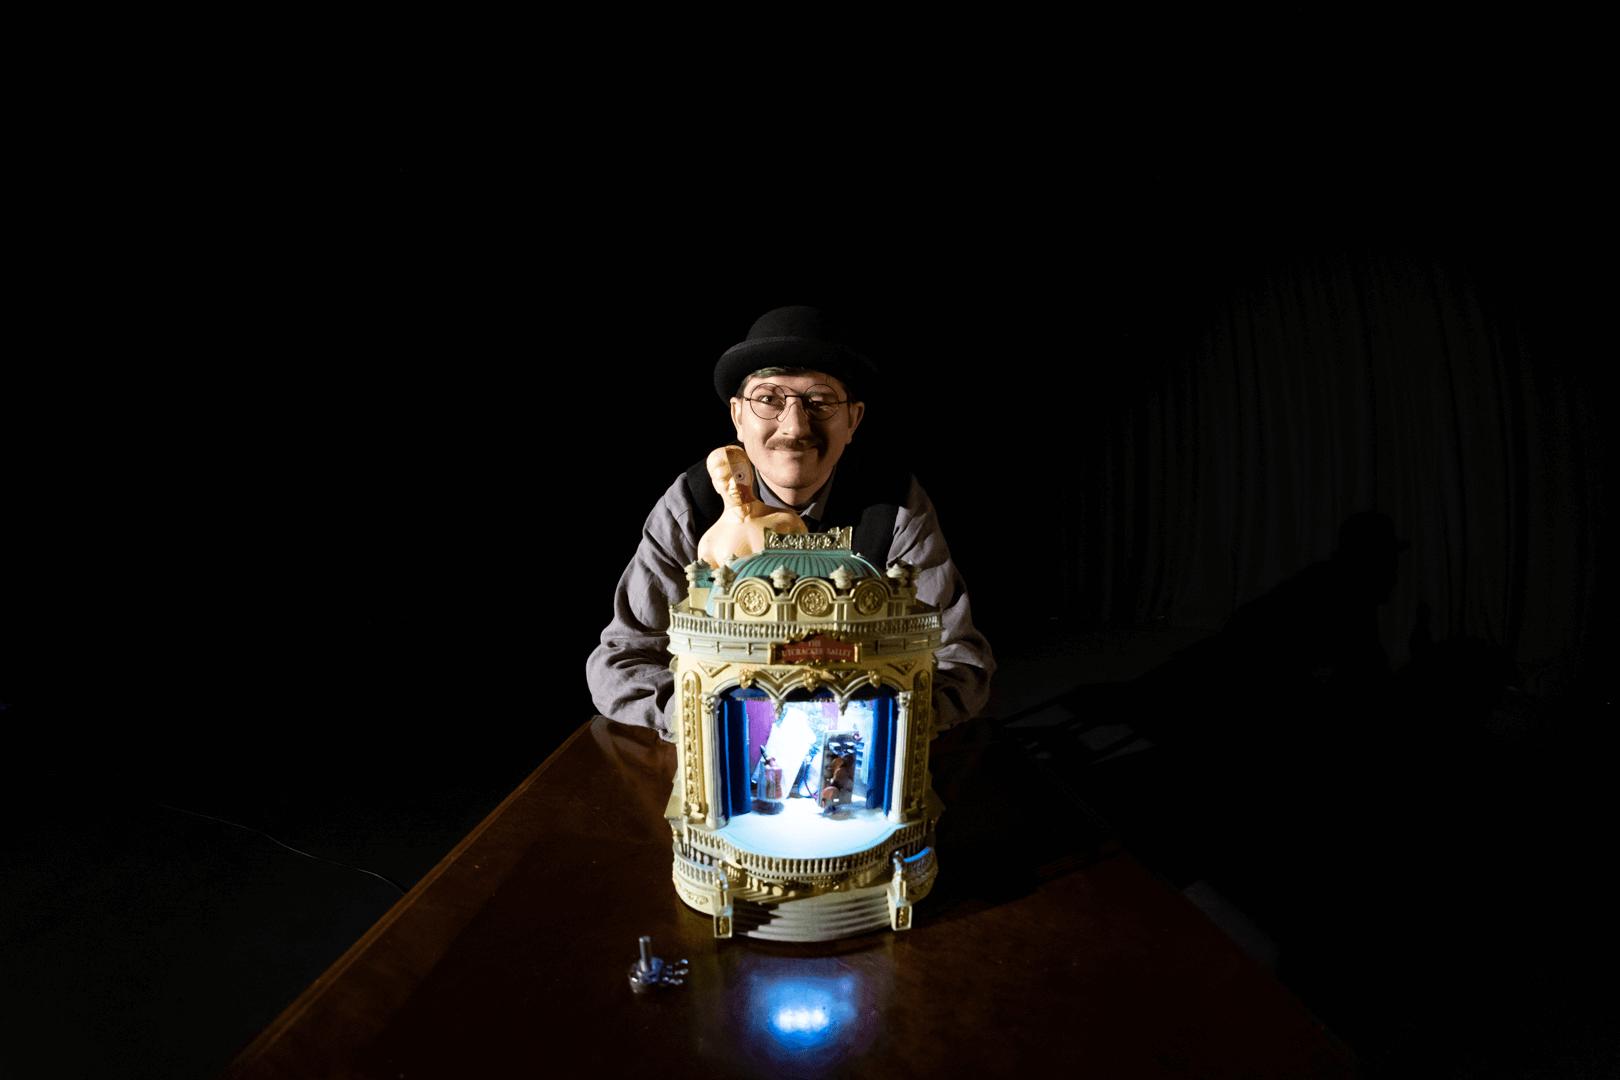 Istorijos iš FLUXUS dėžutės-nuotr. Donatas Bielkauskas-011